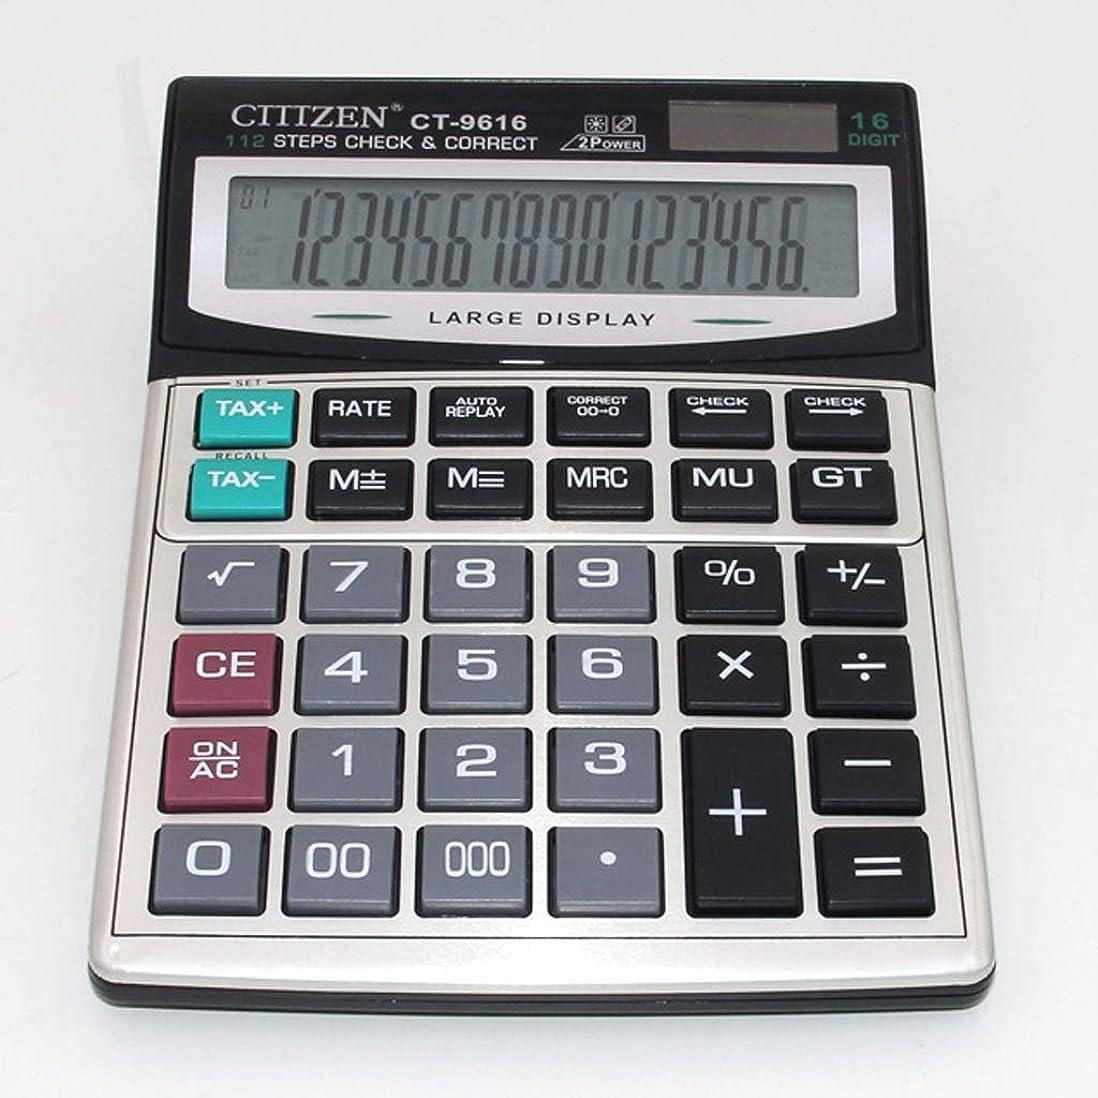 サミットバッチ特異なオフィス電卓 大きな電卓大きなボタン16ビットディスプレイ事務用品オフィスや学生に適したソーラーコンピュータデスクトップ電卓科学電卓、ビジネス用、サイズ20.8×15.5×5CM